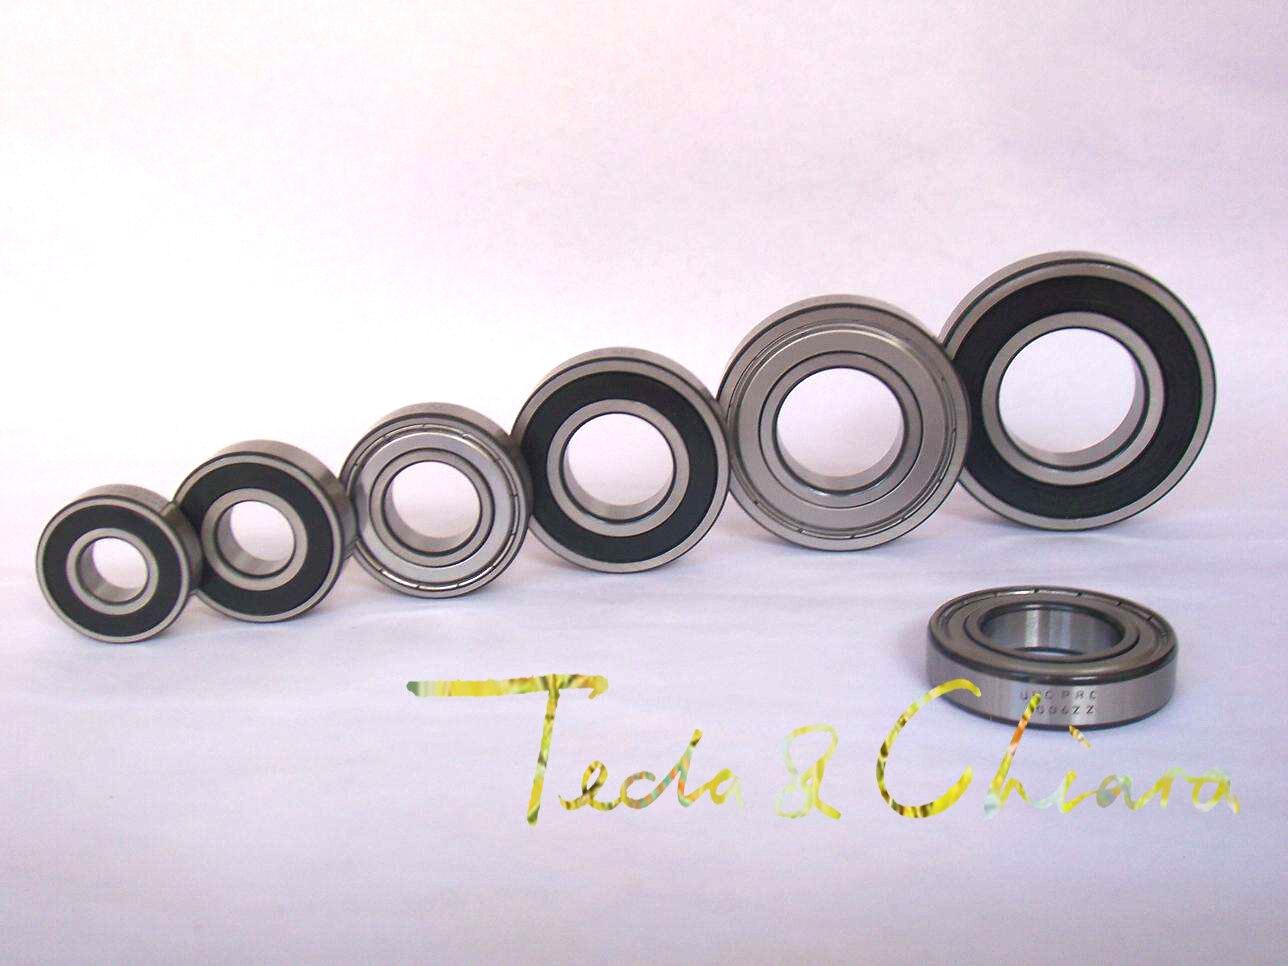 R3 R3ZZ R3RS R3-2Z R3Z R3-2RS ZZ RS RZ 2RZ Deep Groove Ball Bearings 4.762 x 12.7 x 4.98mm 3/16 x 1/2 x 0.196 High Quality gcr15 6326 zz or 6326 2rs 130x280x58mm high precision deep groove ball bearings abec 1 p0